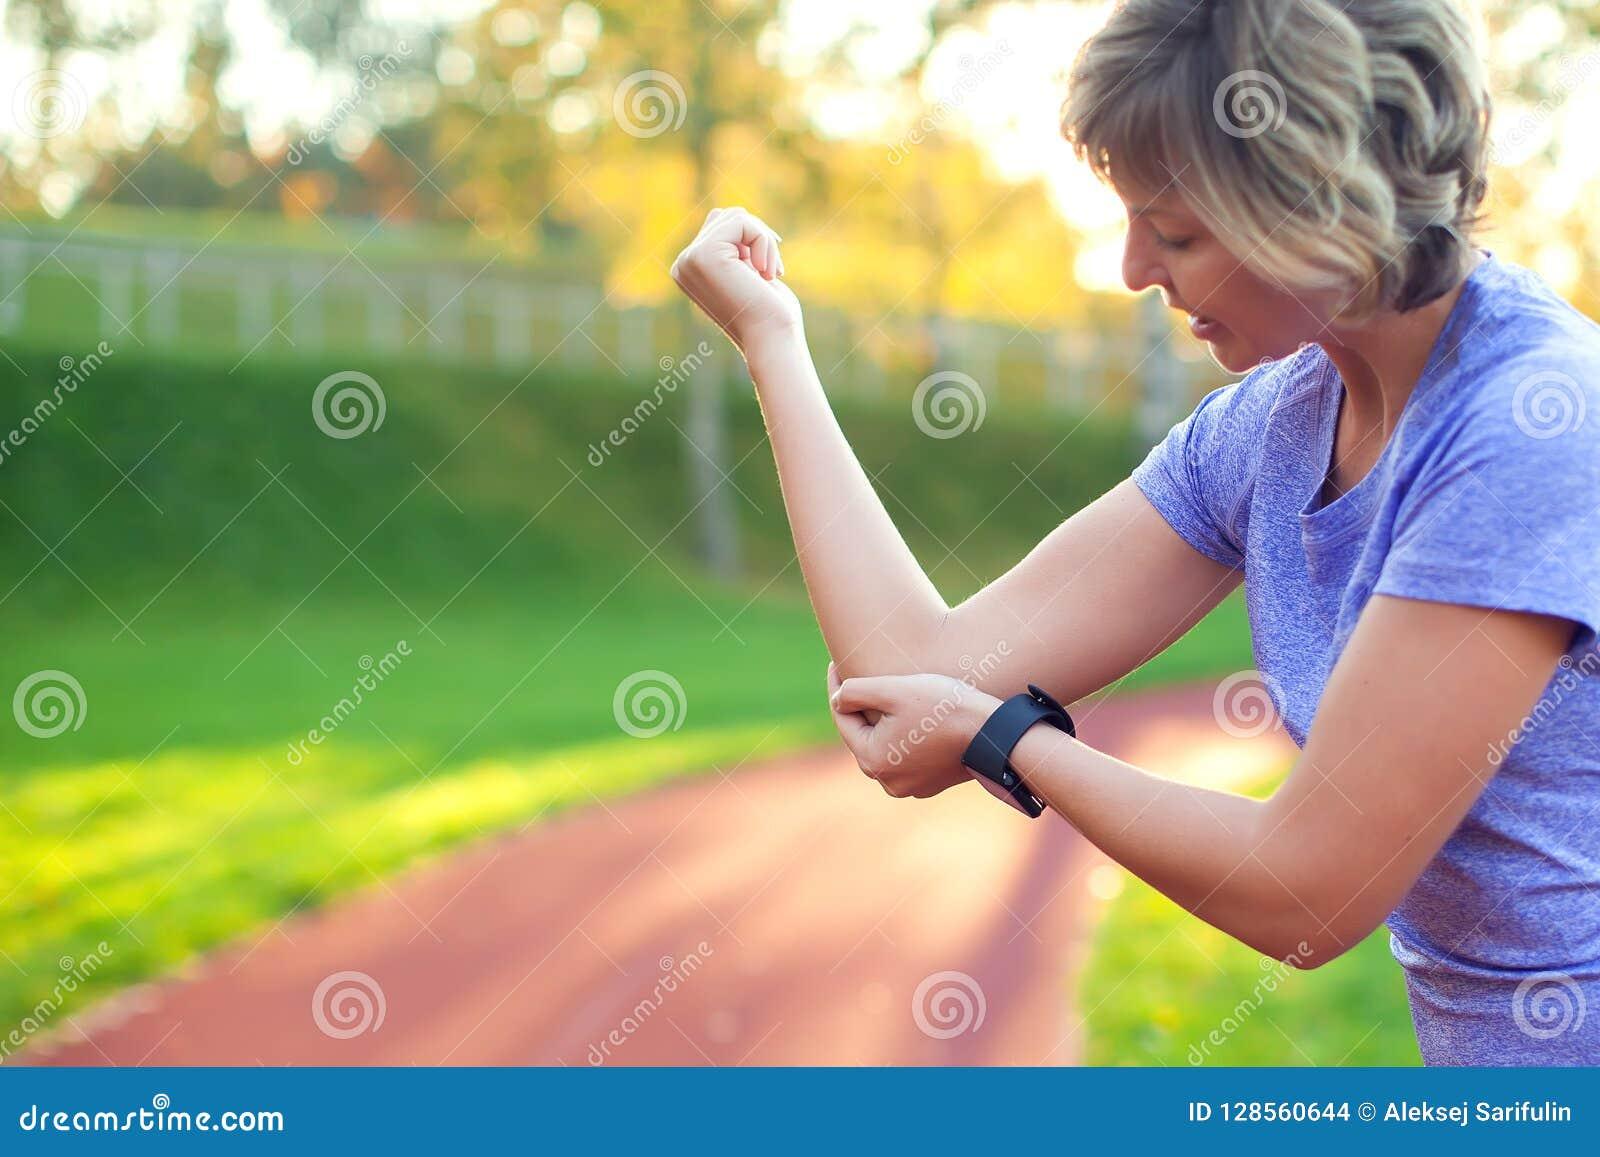 Douleur de sentiment de jeune femme dans son coude pendant la séance d entraînement de sport au St